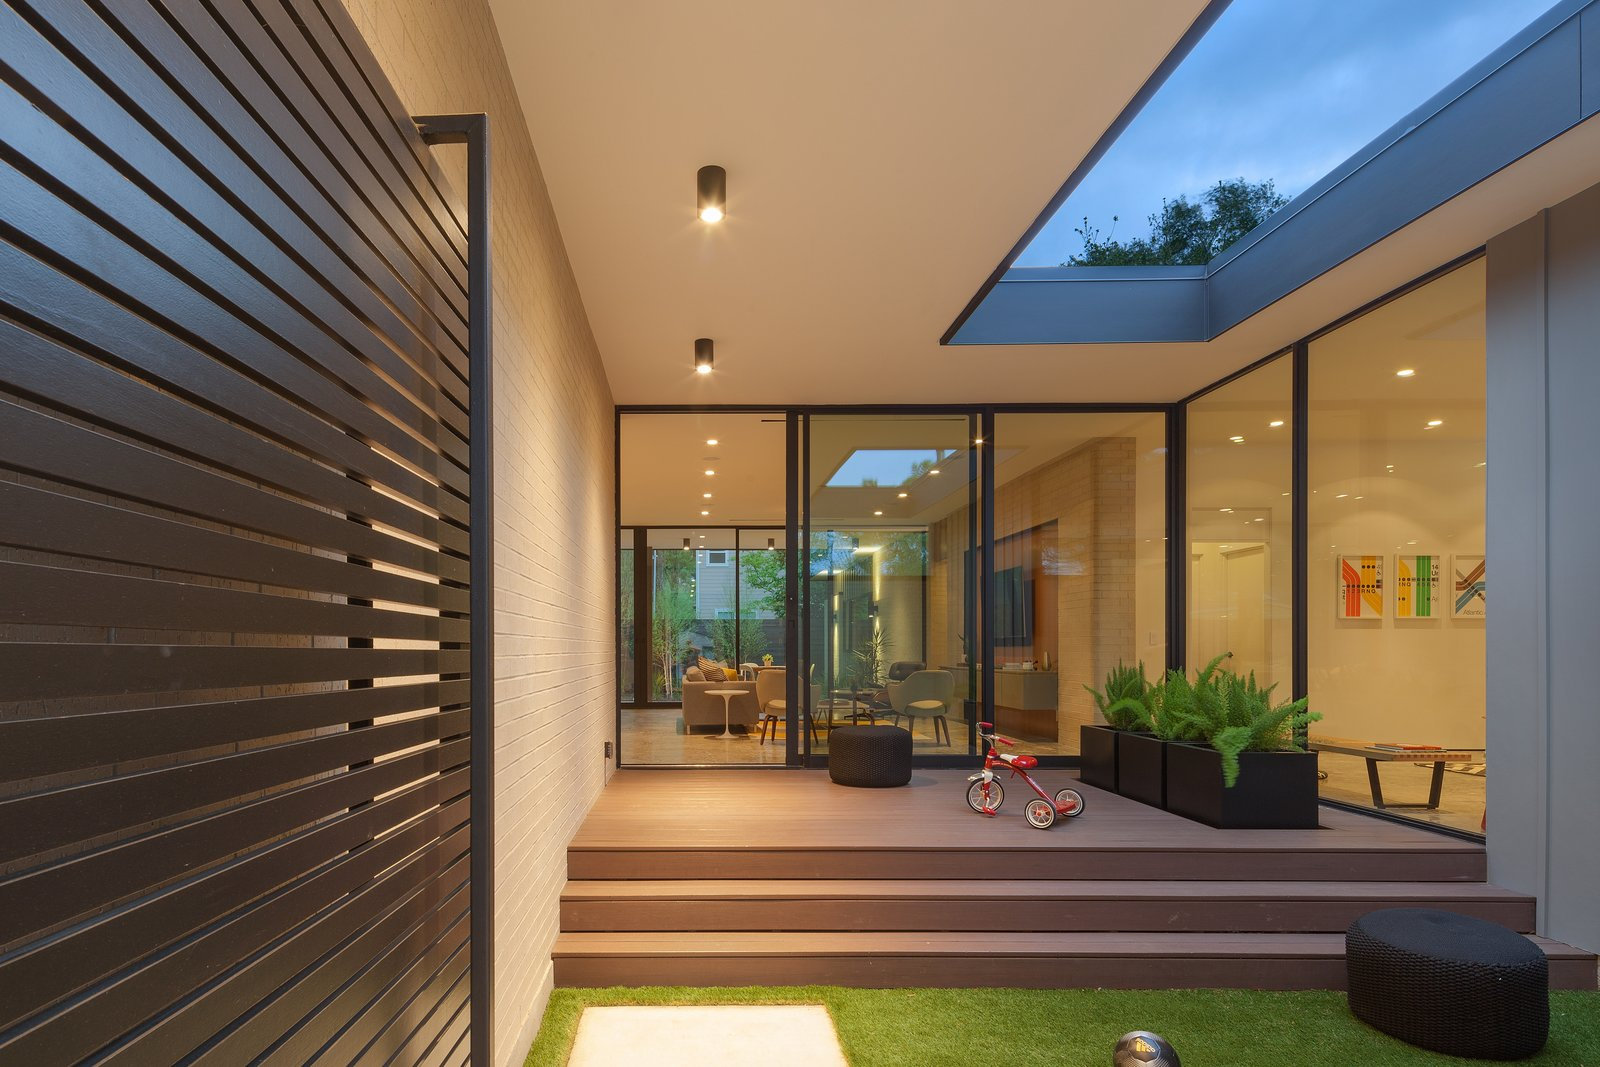 Pavilion Haus courtyard